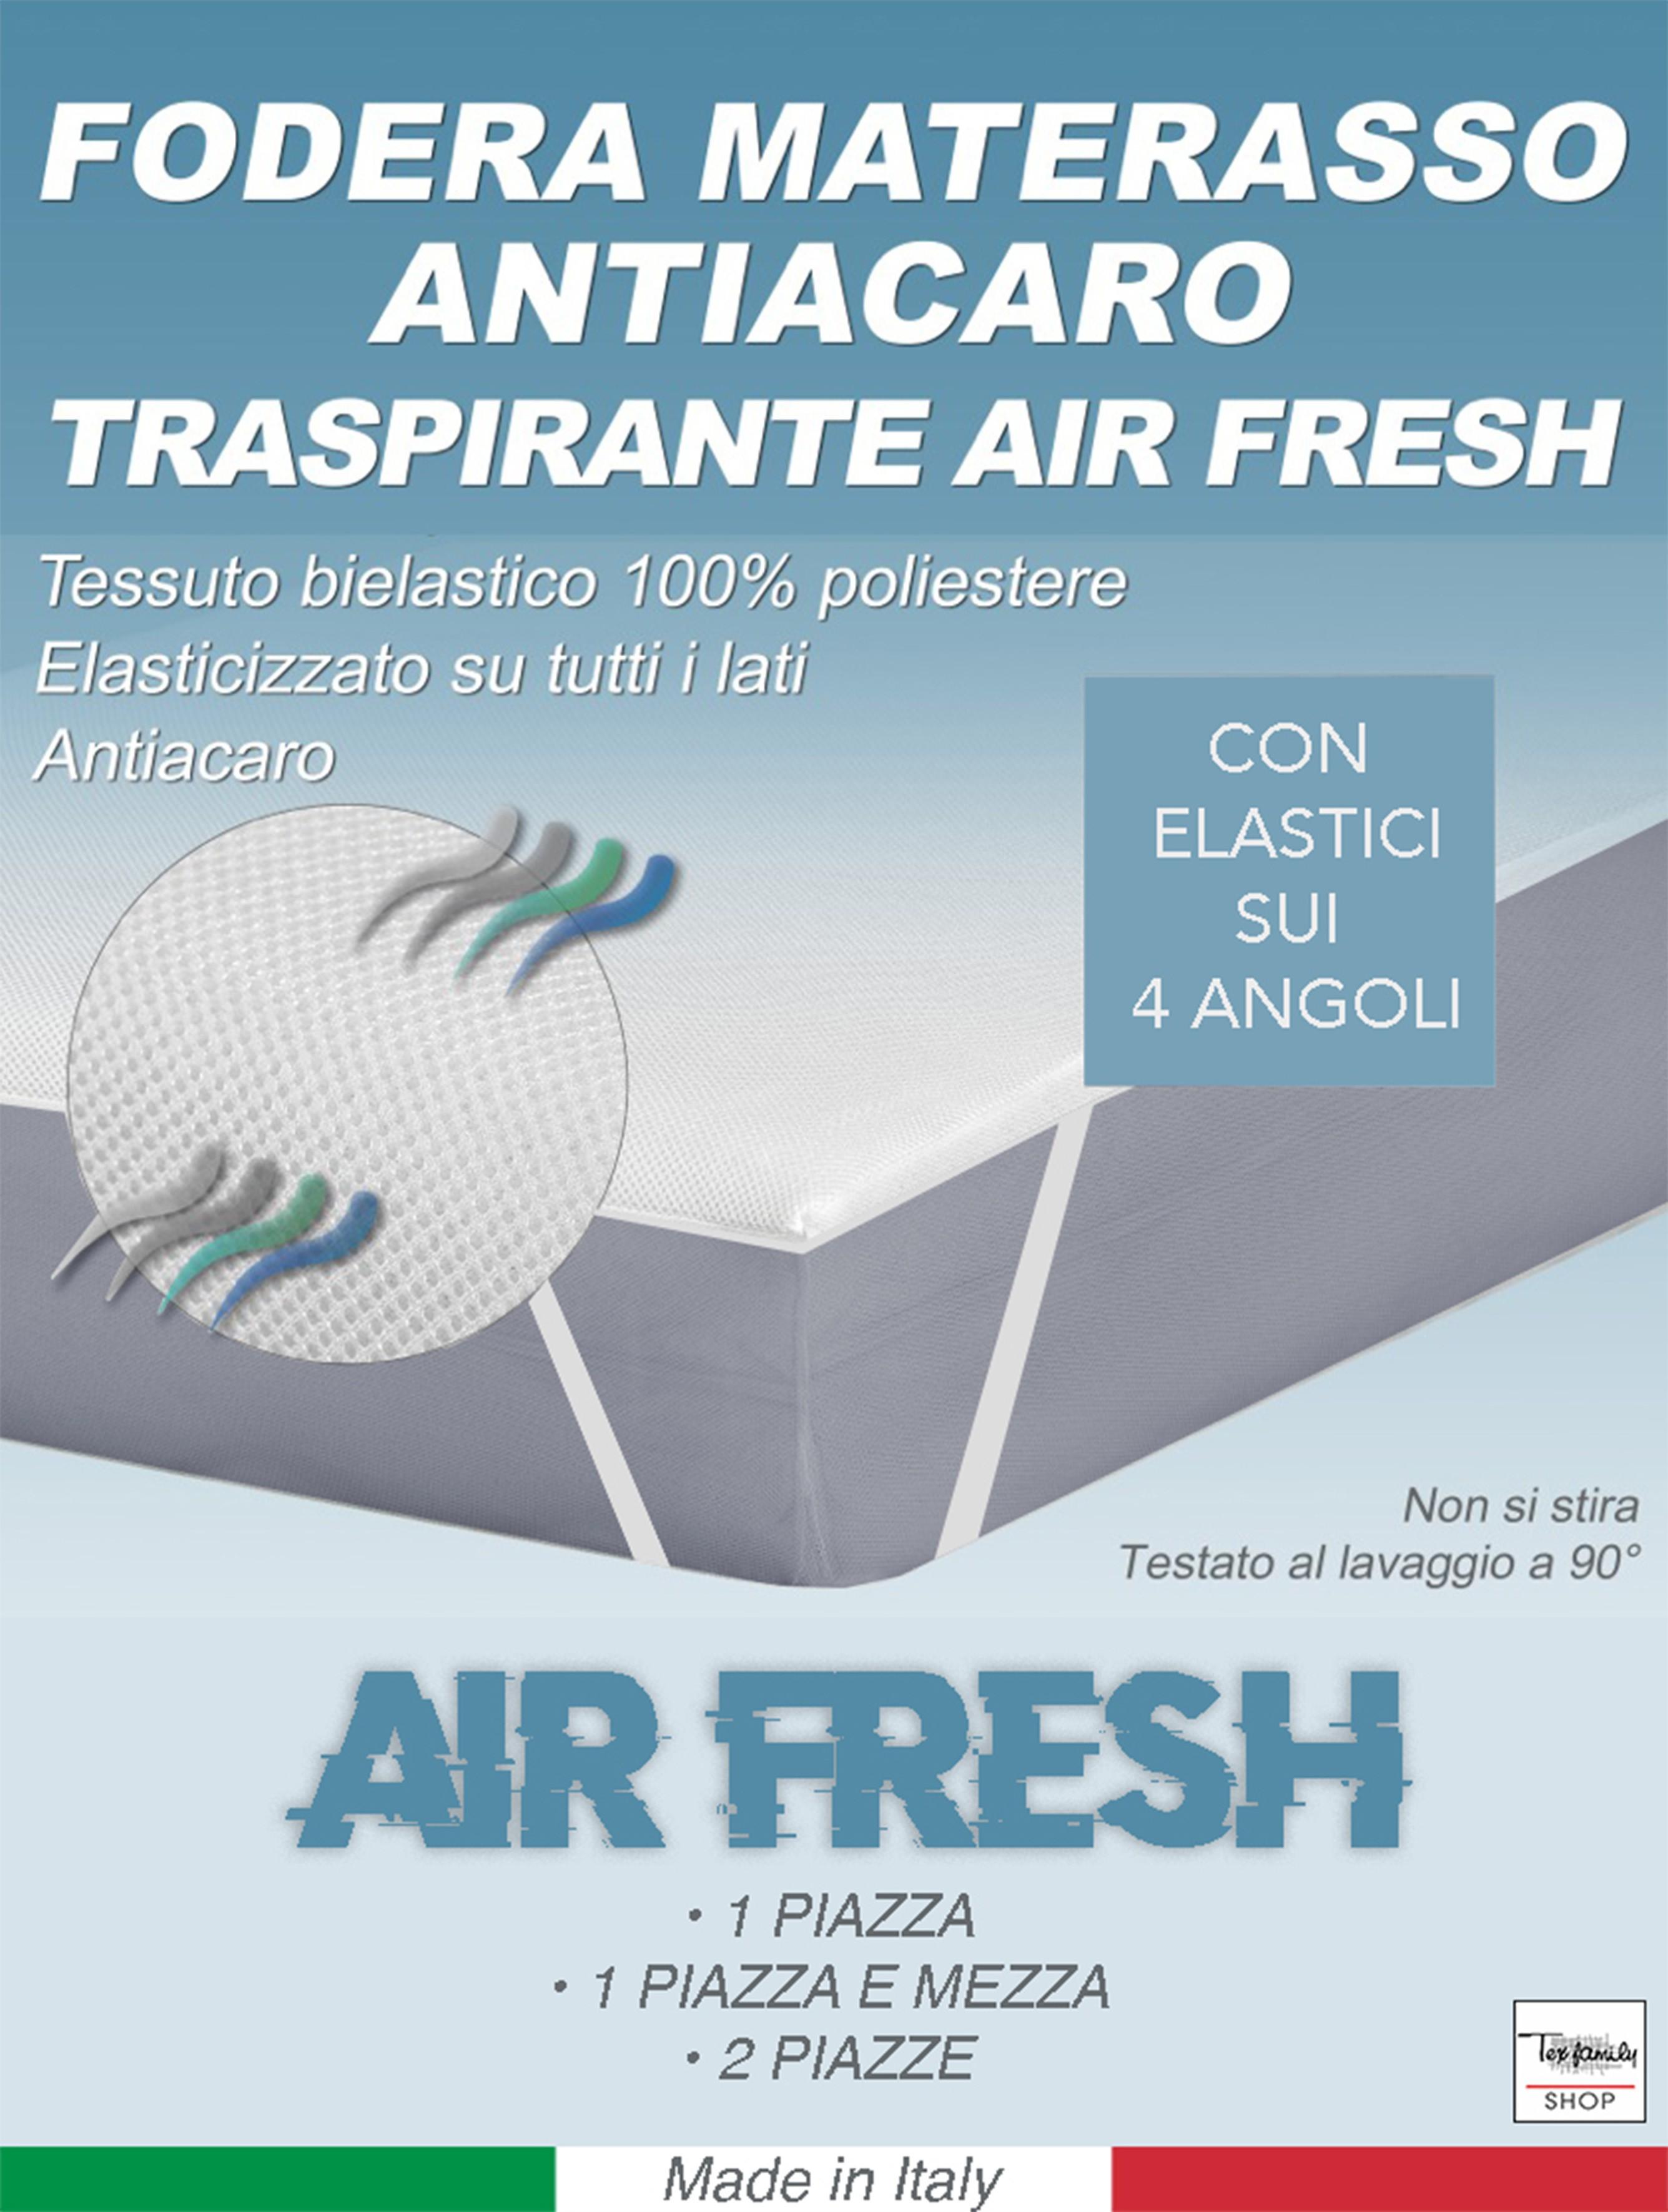 Federe E Coprimaterasso Antiacaro.Coprimaterasso Antiacaro Anallergico Traspirante Air Fresh Misura 1